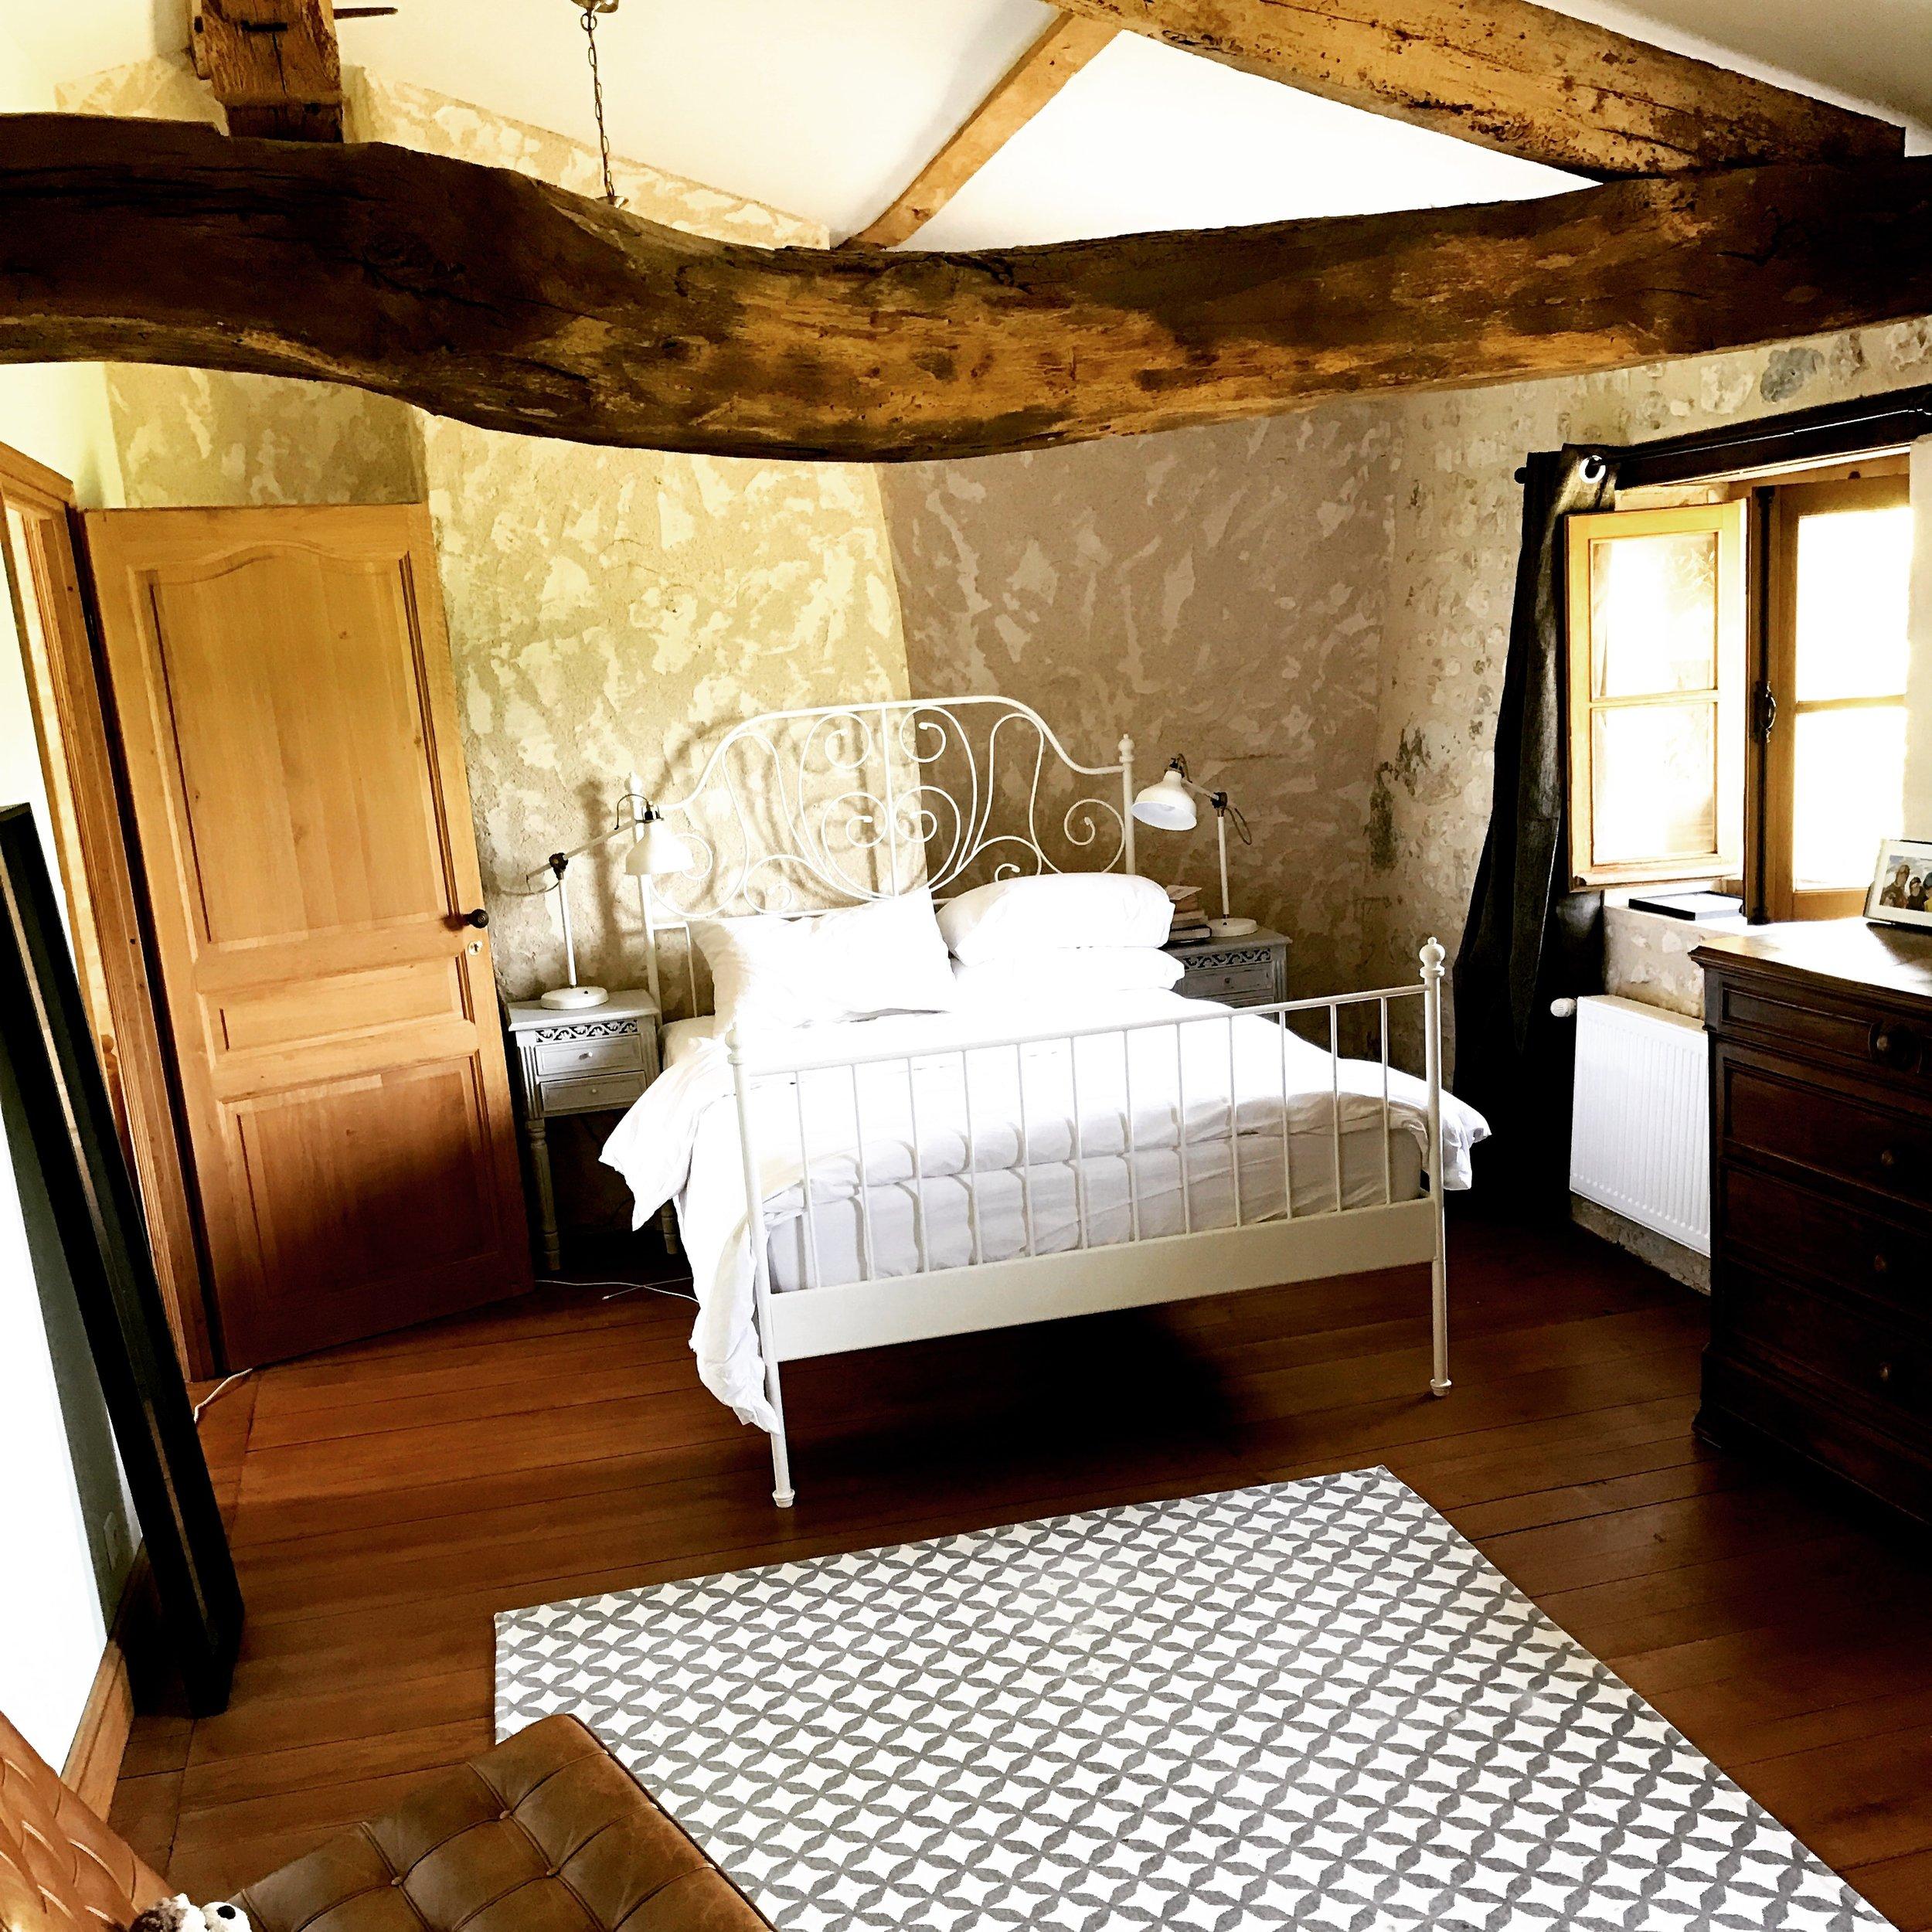 Le Petit Maison - Extra Bedroom